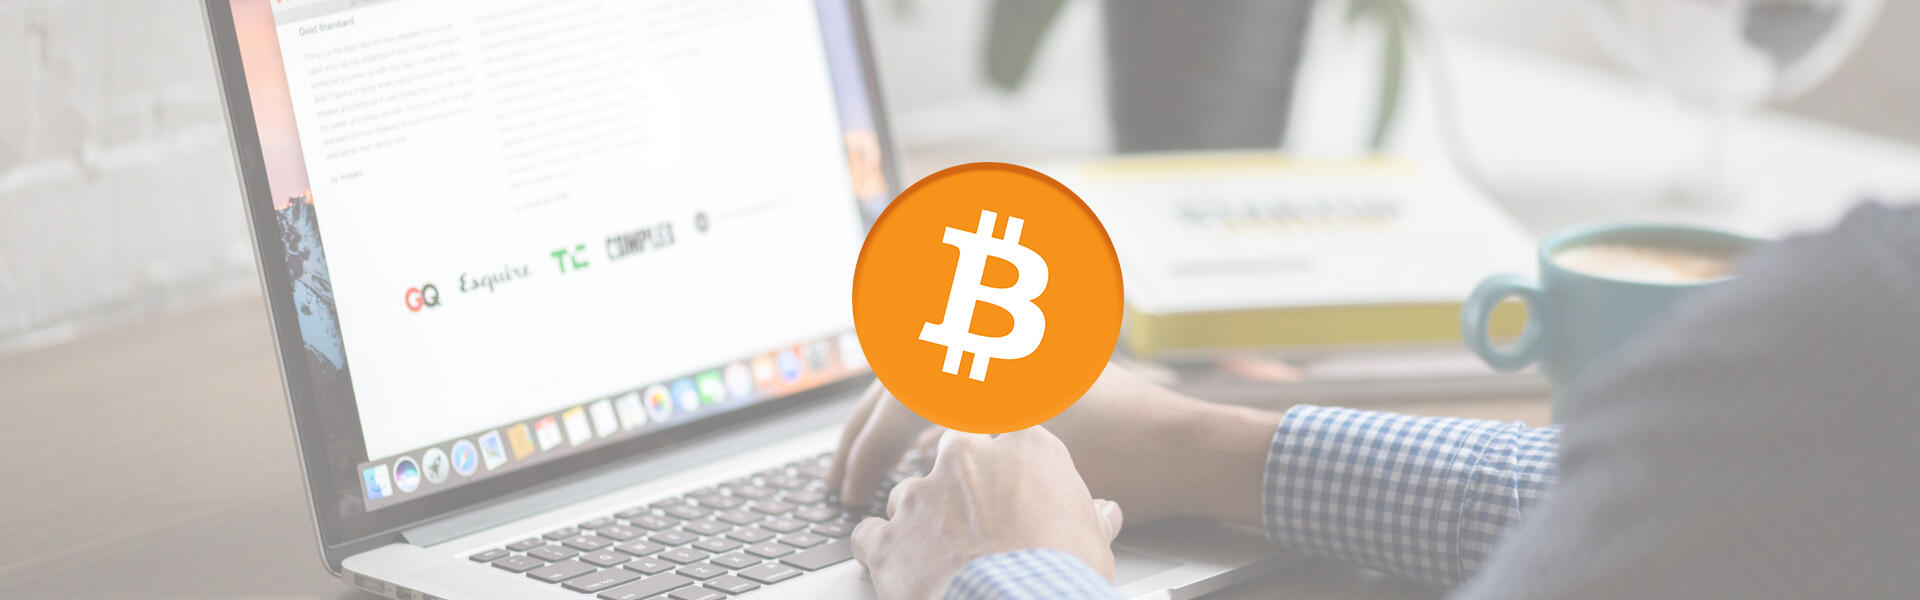 De Bitcoin pinautomaat, hoe werkt dat?